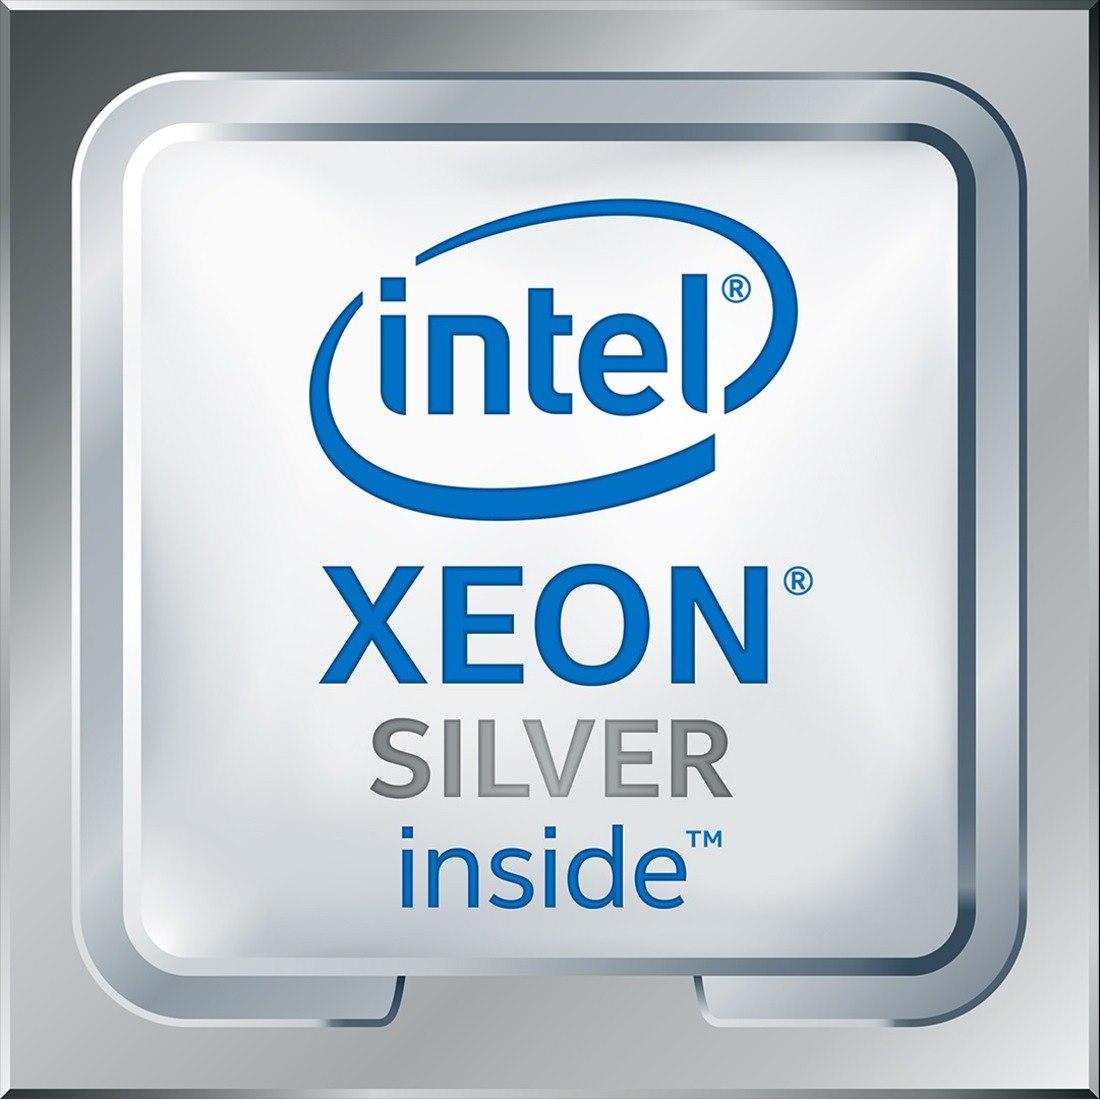 Cisco Intel Xeon Silver 4116 Dodeca-core (12 Core) 2.10 GHz Processor Upgrade